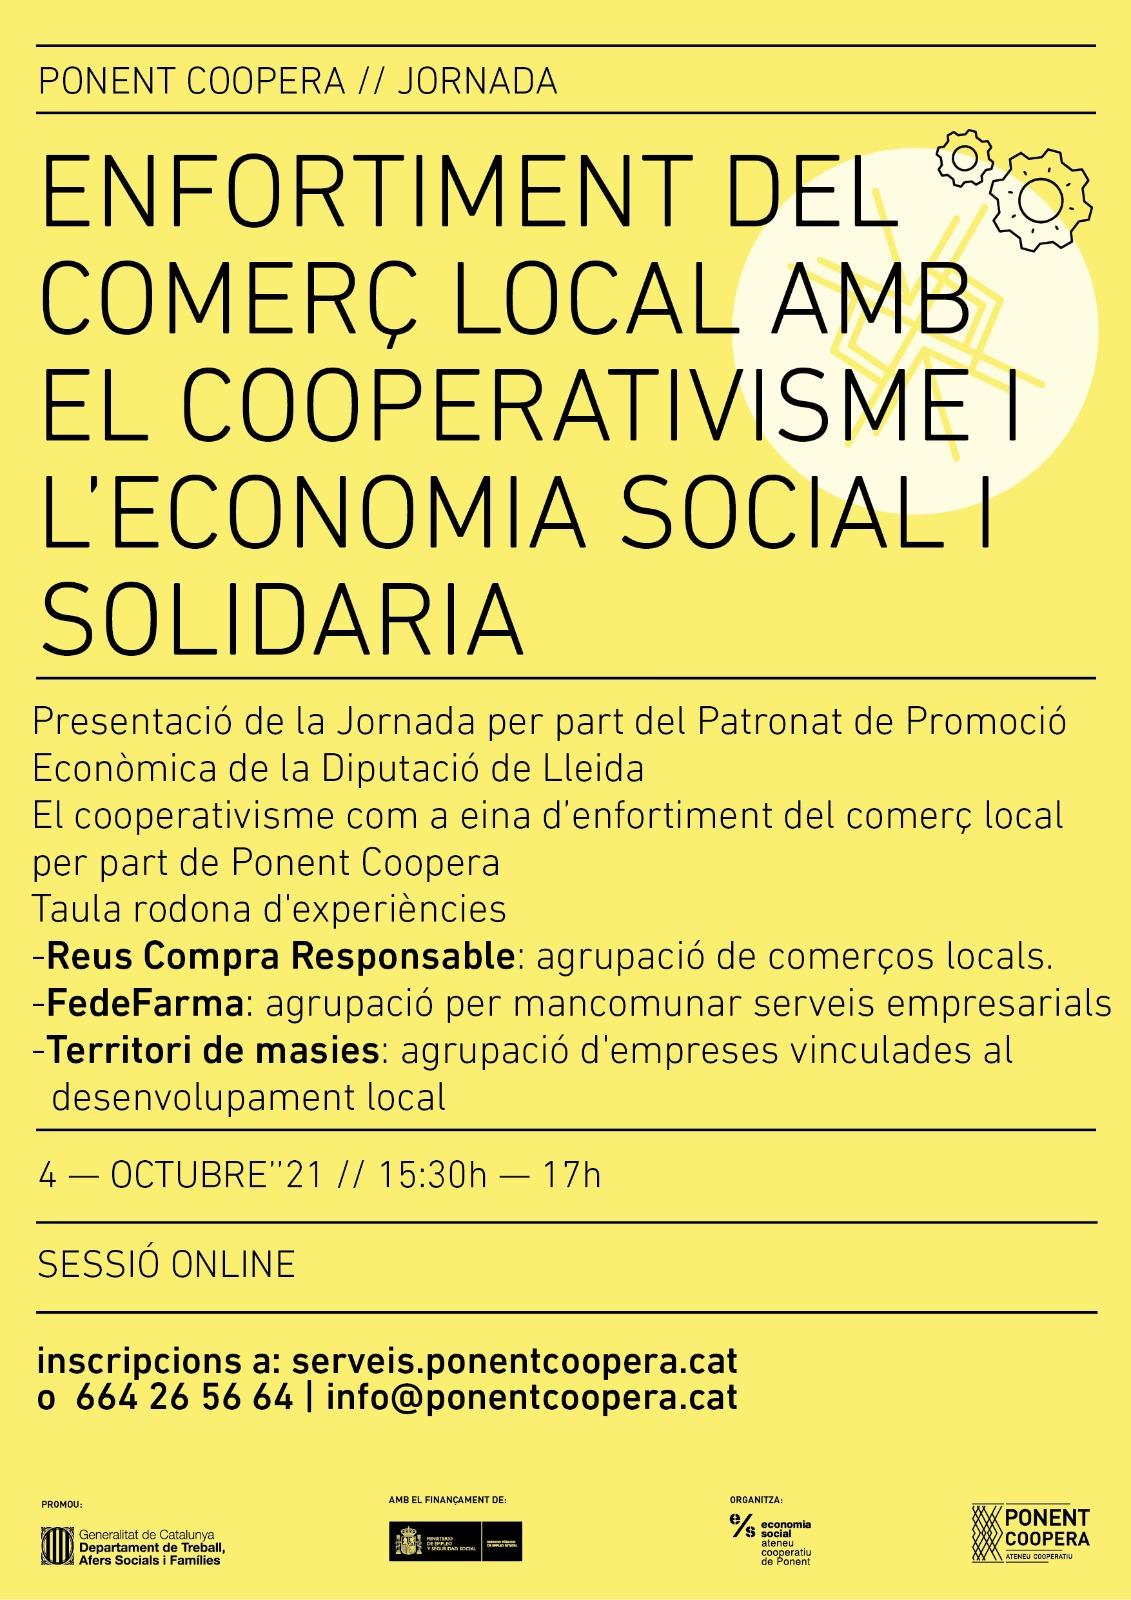 Jornada Enfortiment del comerç local amb el cooperativisme i l'ESS